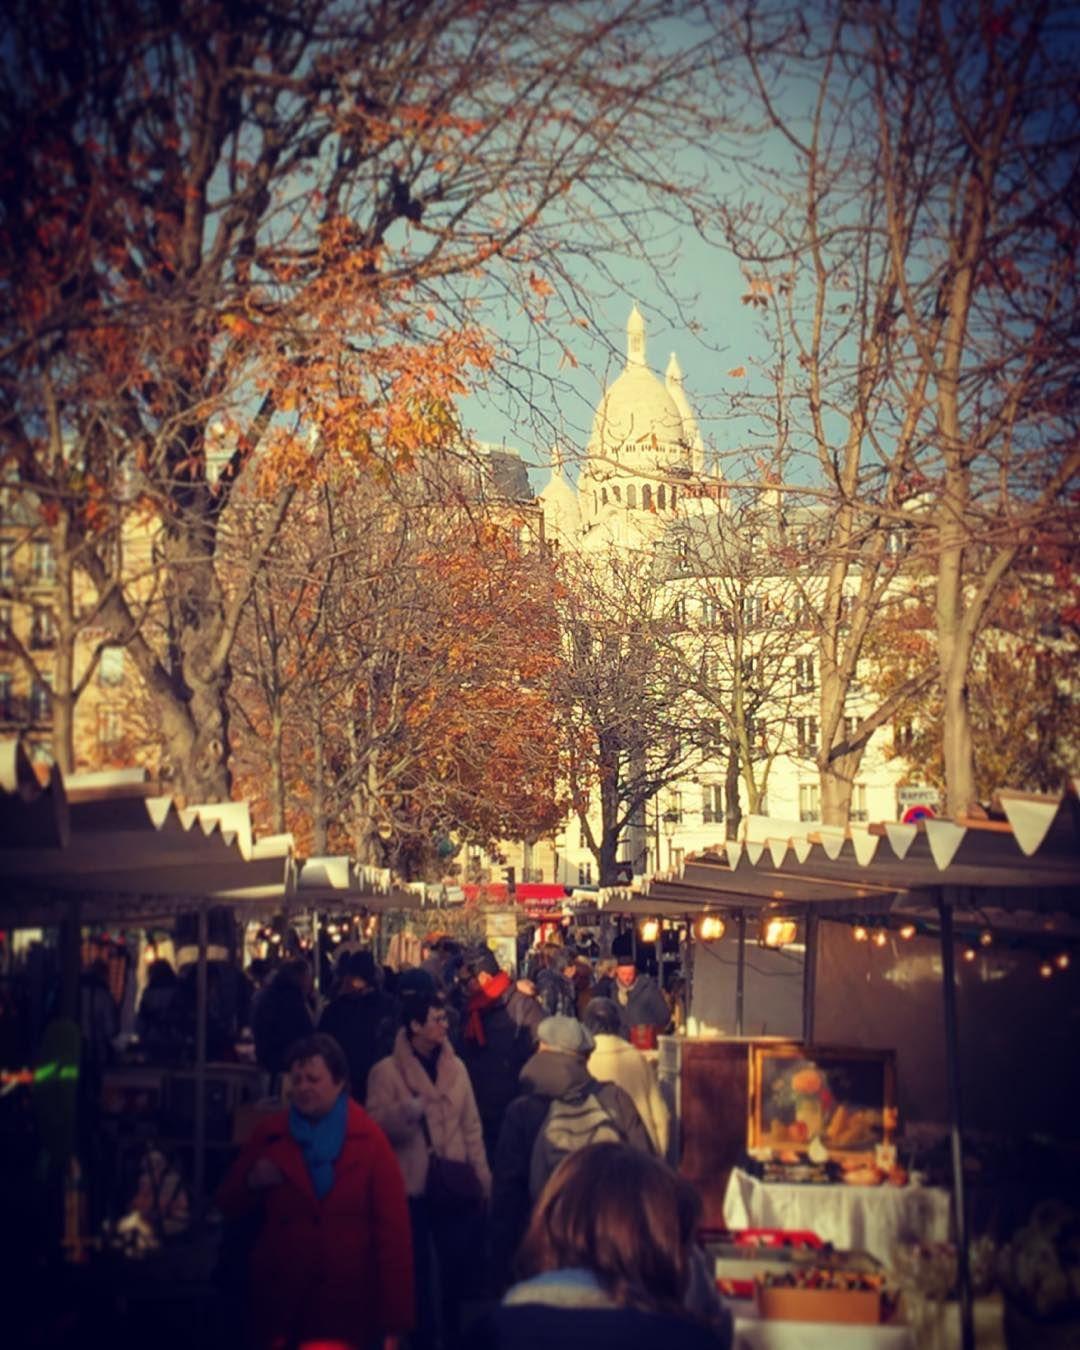 Die #montmartre Gegend entzückt immer wieder aufs neue! Die Flohmärkte laden auch an kalten Winternachmittagen zum Verweilen ein!  Im Hintergrund thront die #sacrecoeur Kirche!